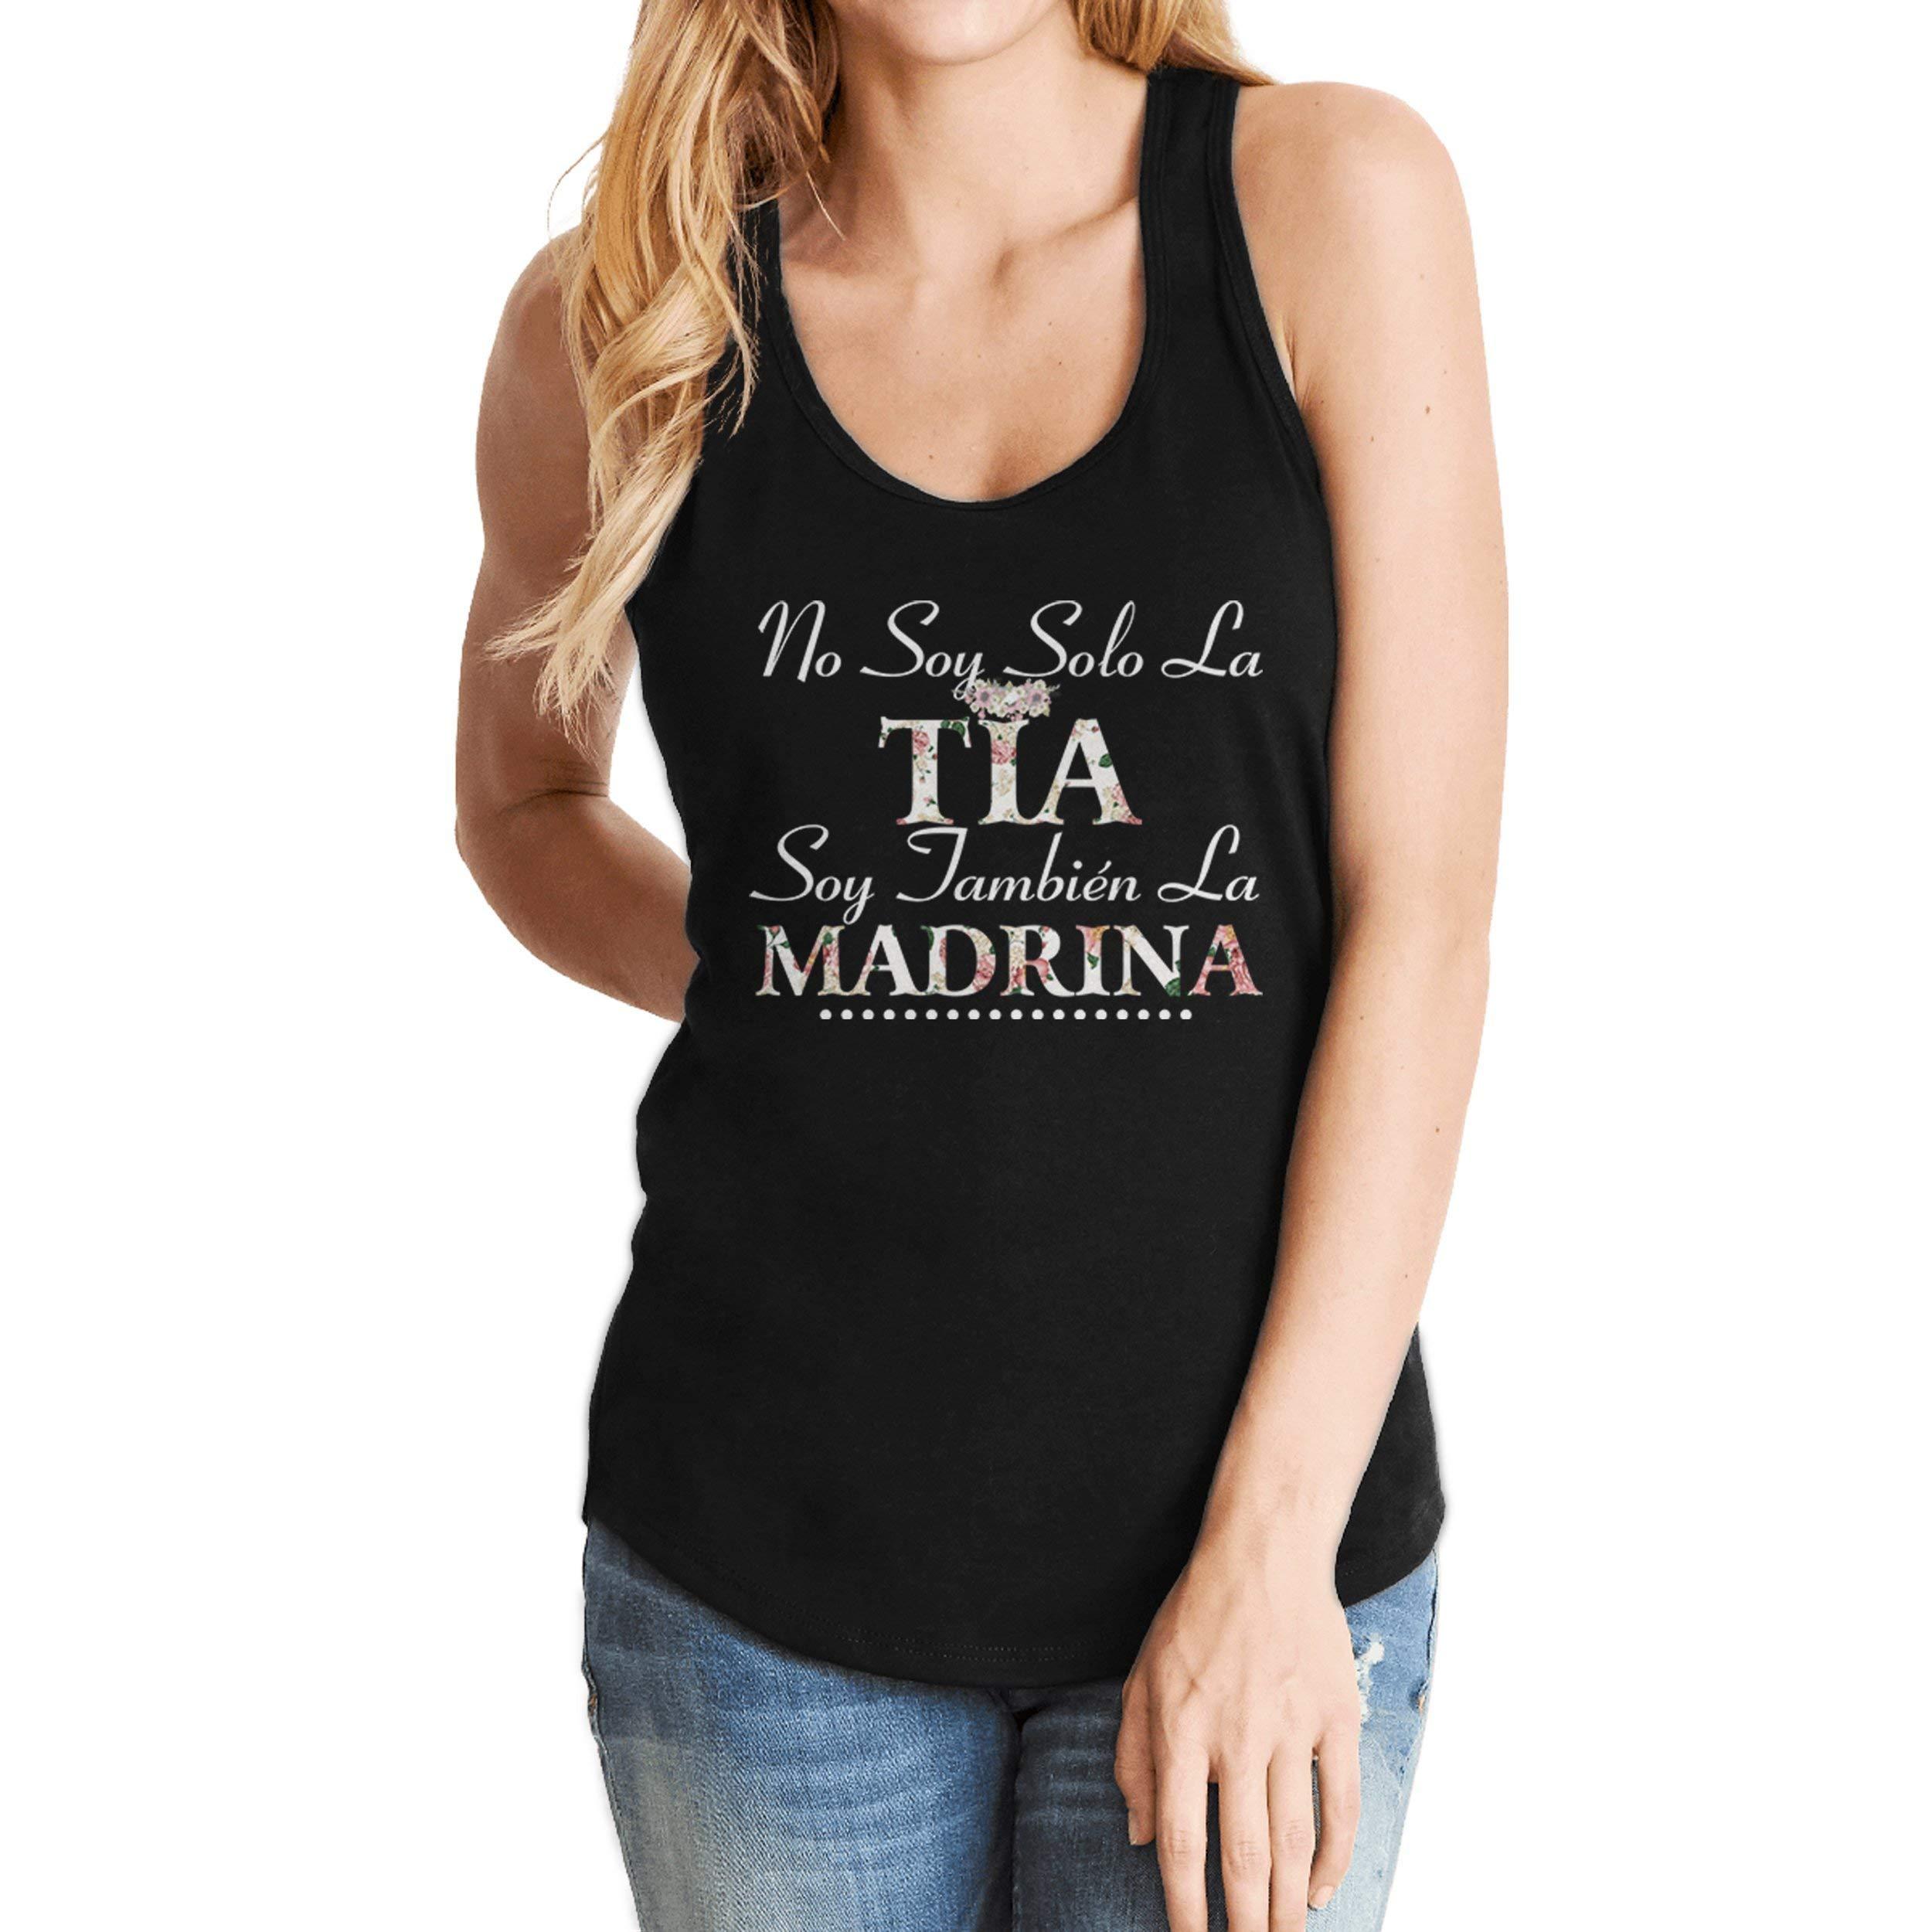 Yuh Apparel No Soy Solo La Tia Soy Tambien La Madrina Madre Tank Top Shirt 3094